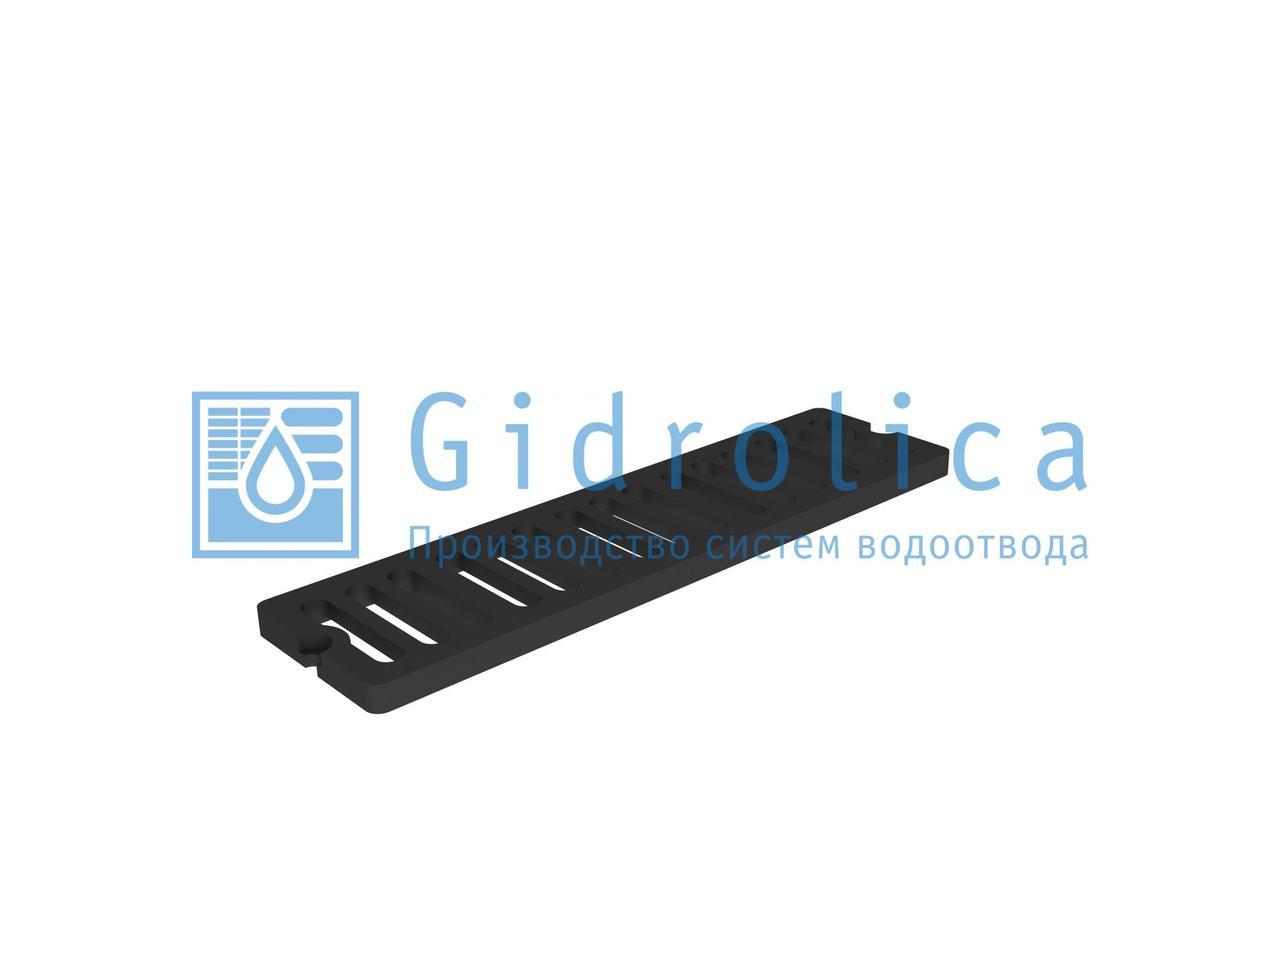 Решетка водоприемная СЧ 750*350*27 – чугунная, кл. D400